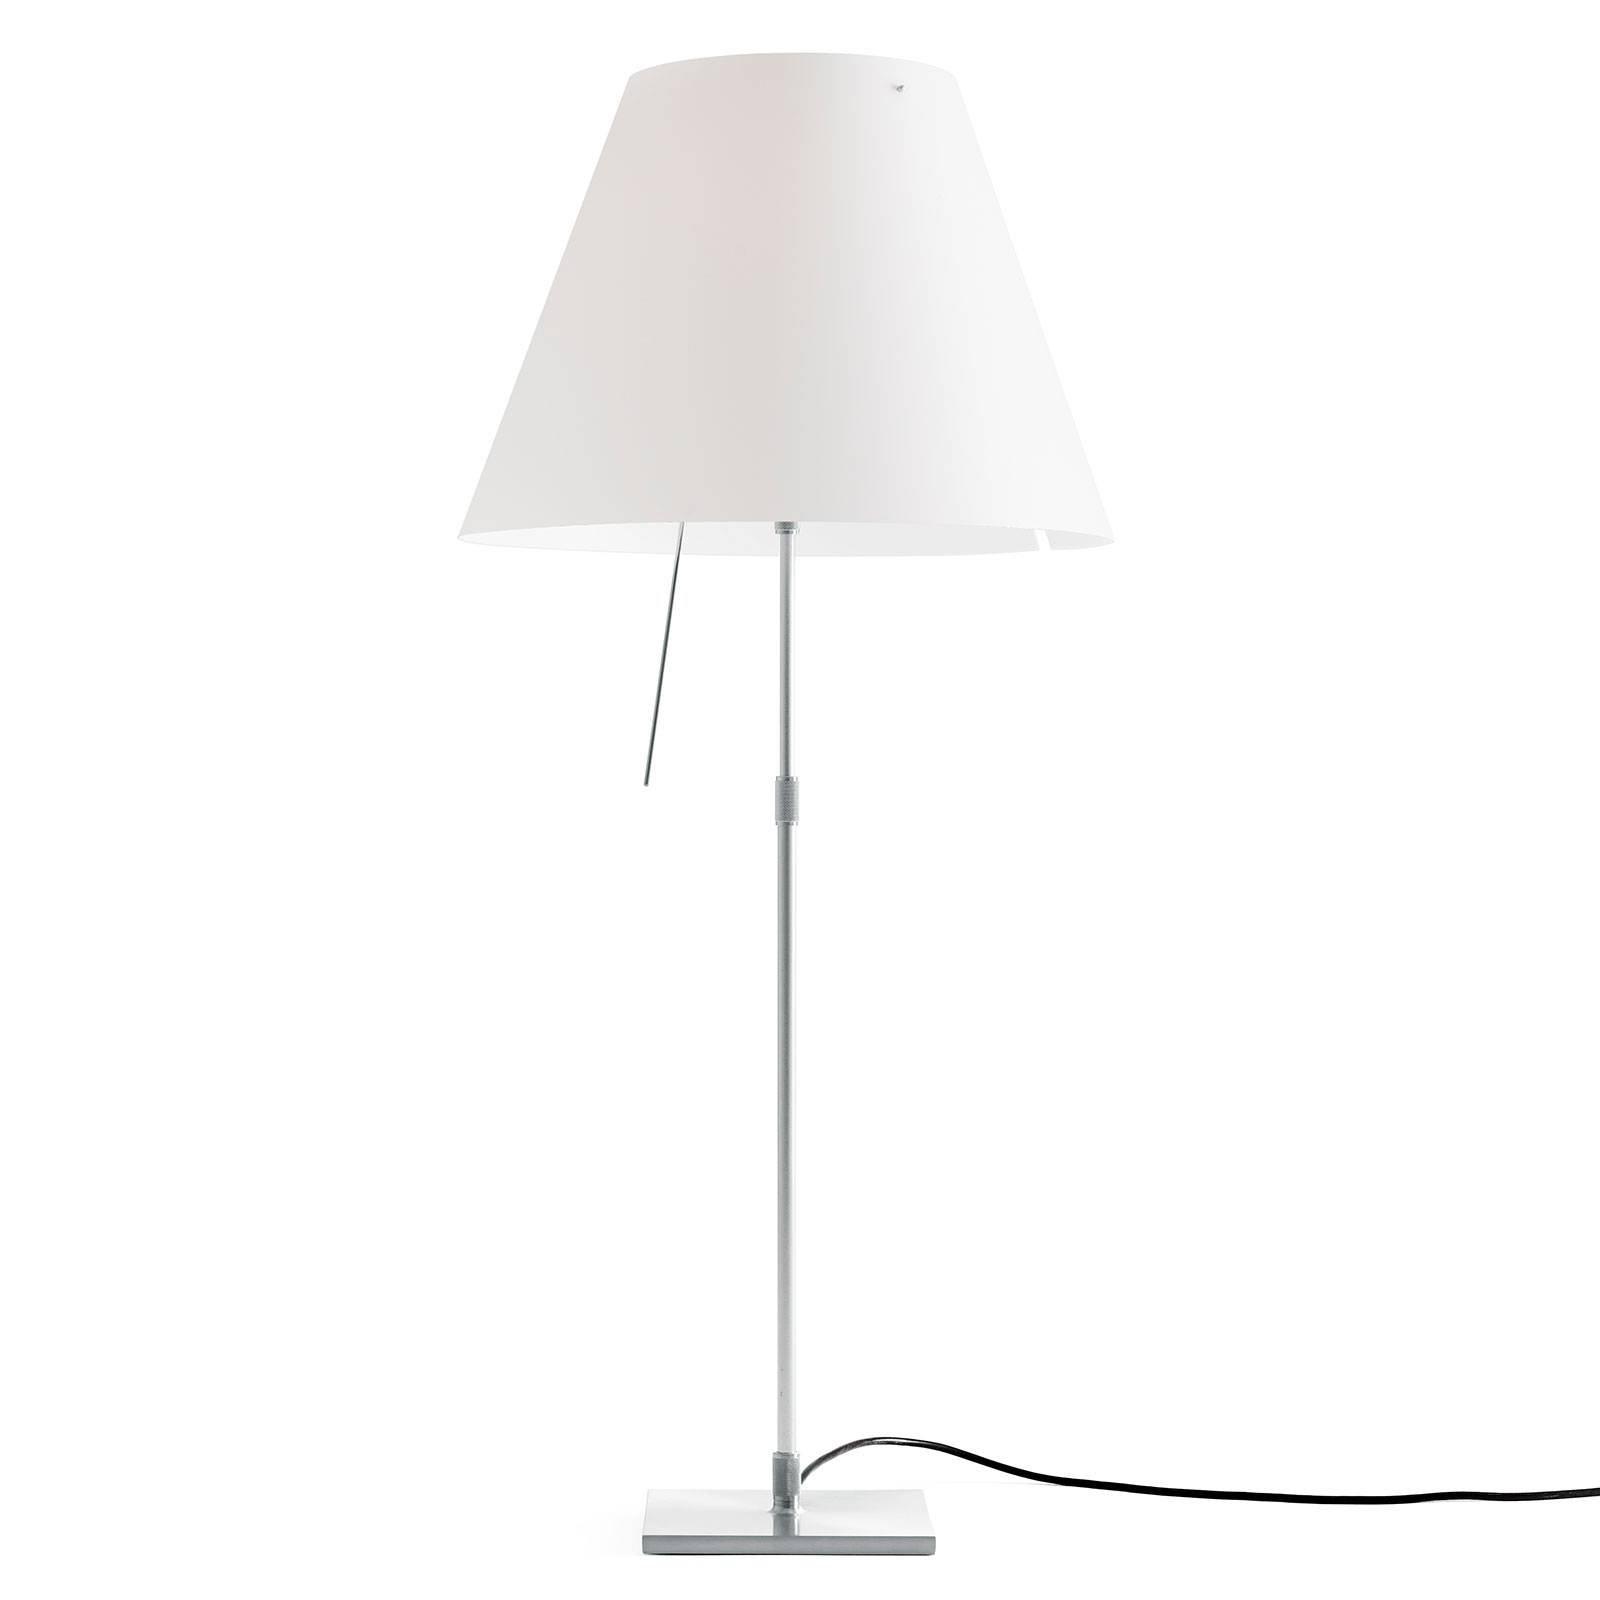 Luceplan Costanza bordlampe D13 aluminium/hvit